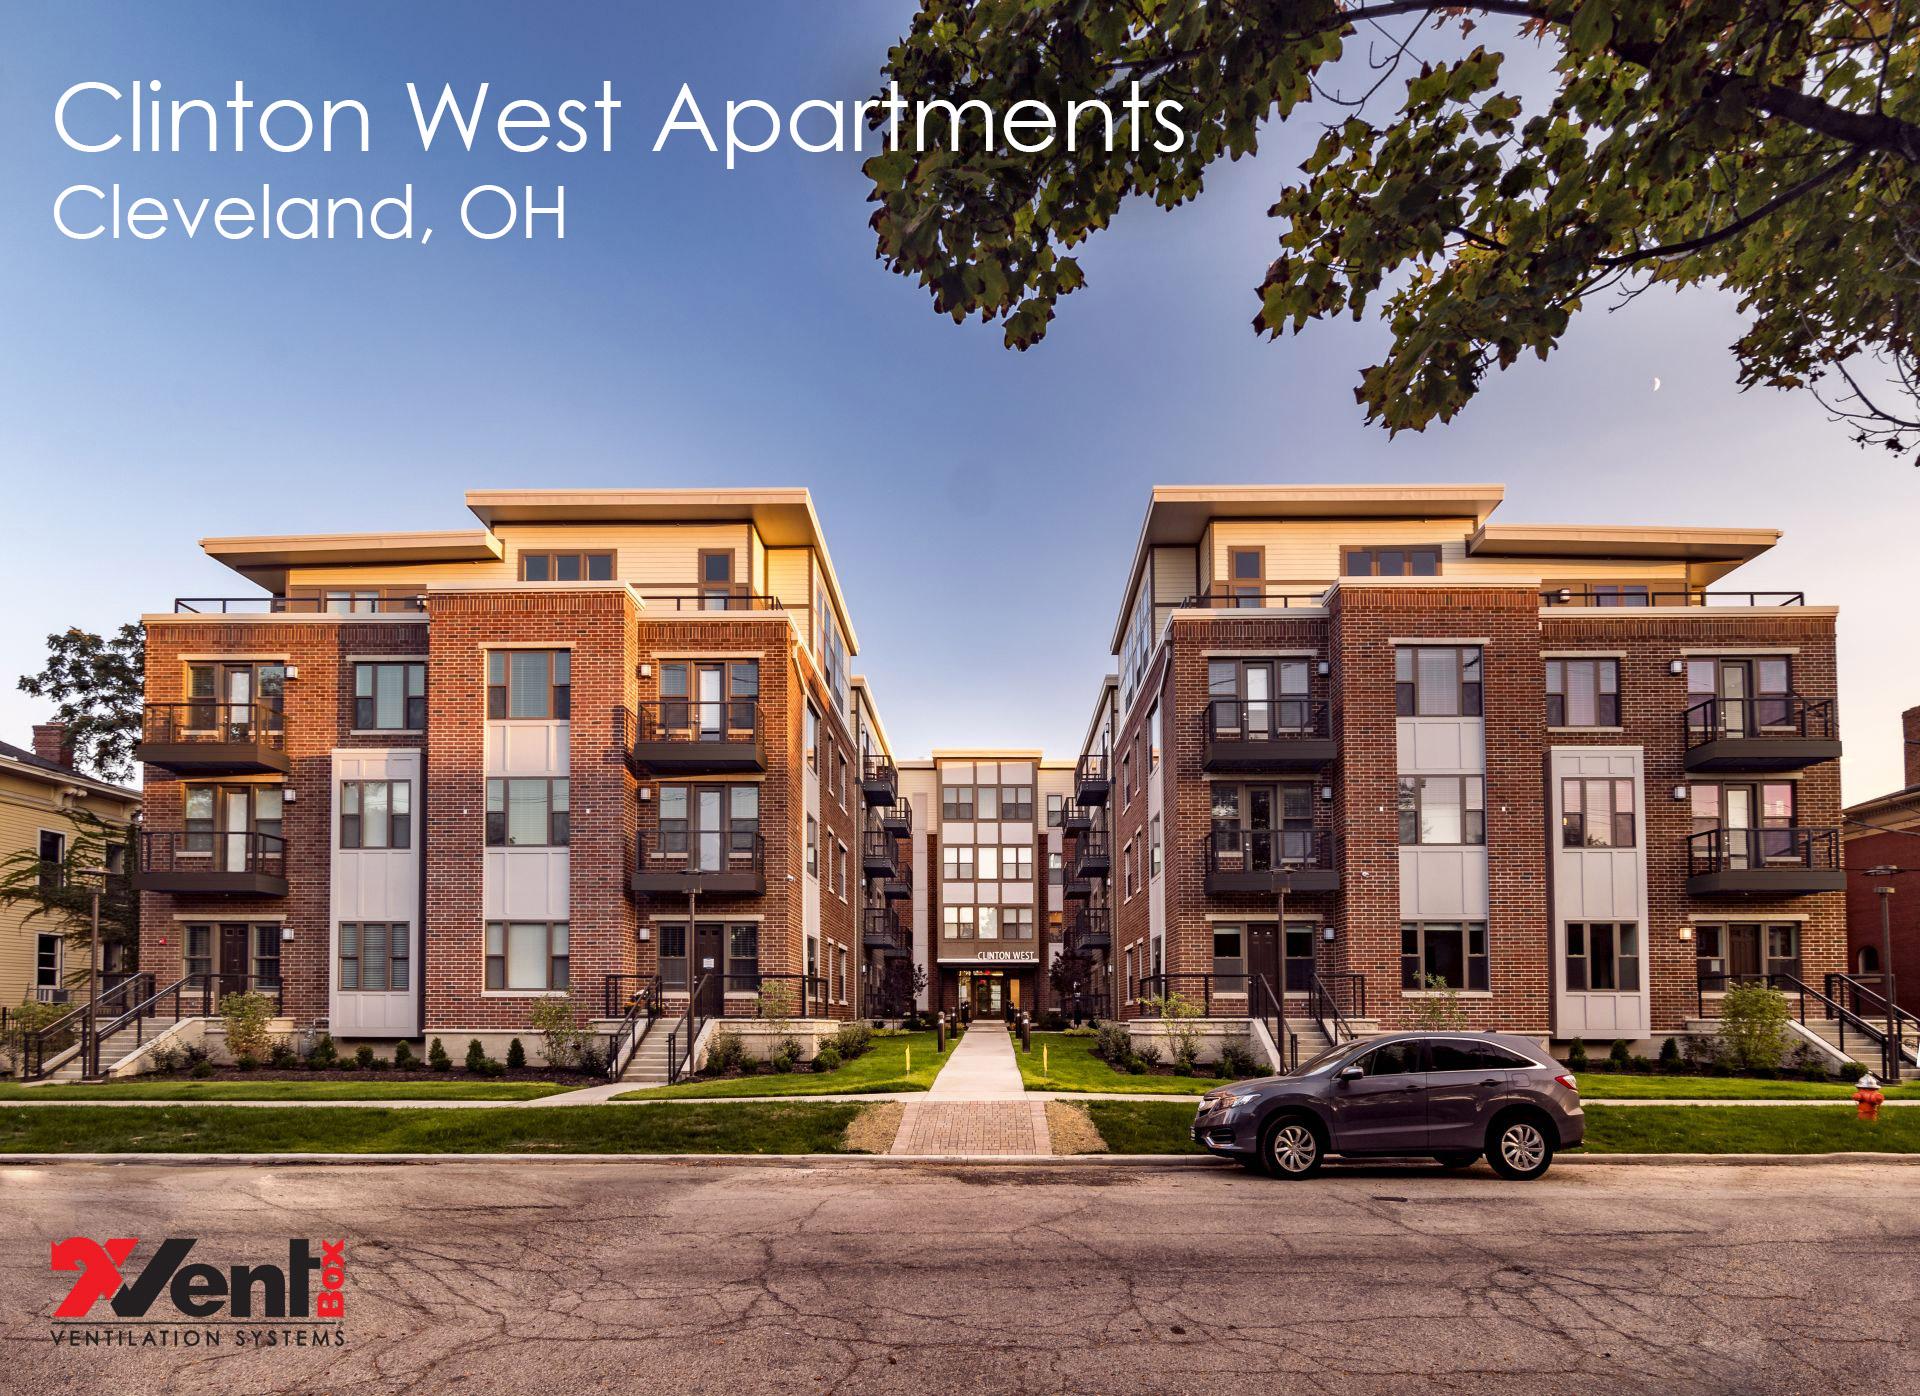 Clinton West Apartments